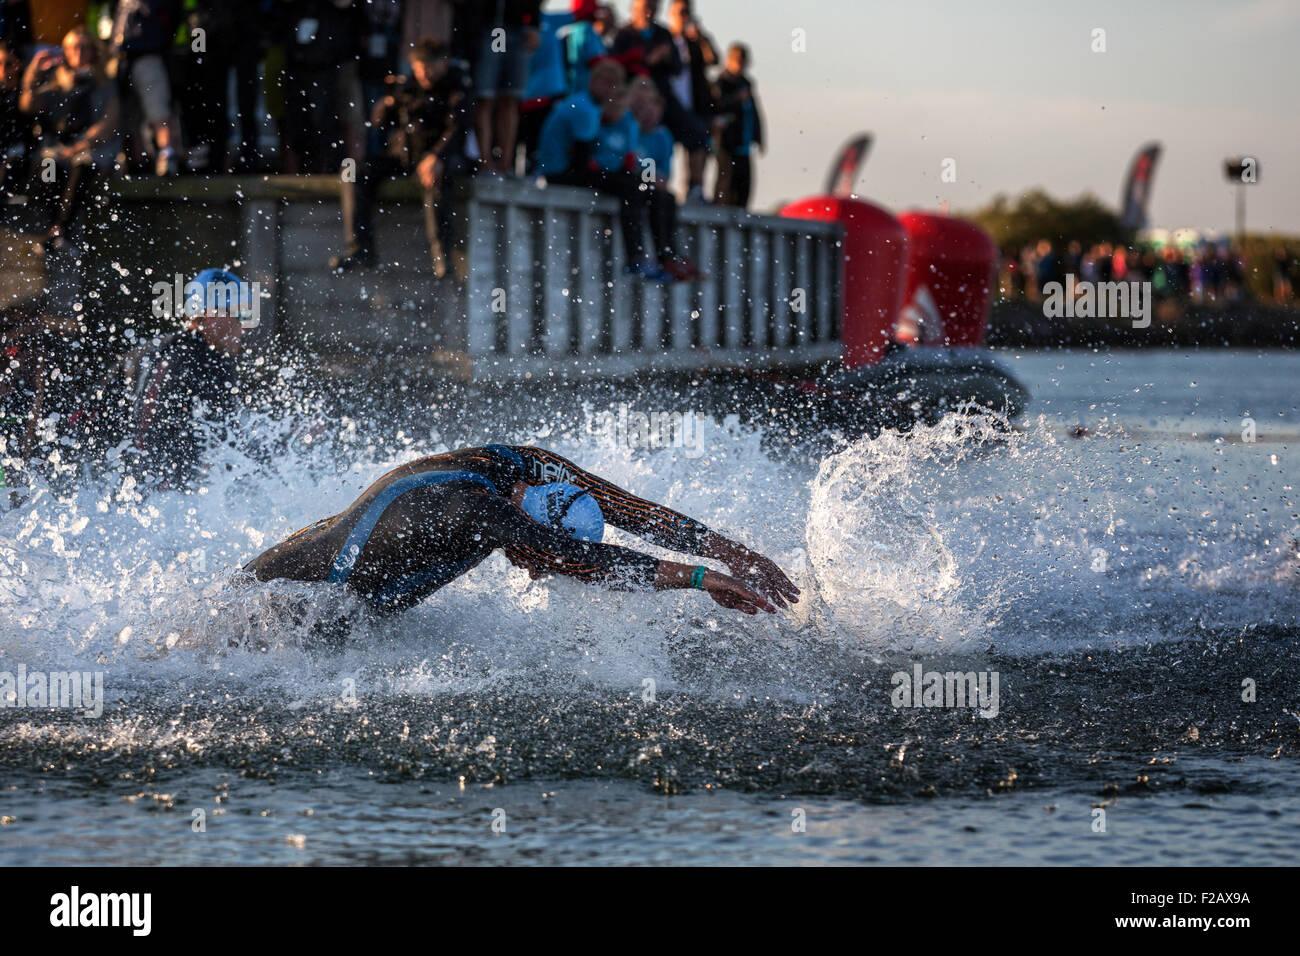 Teilnehmer des Ironman Triathlon startete das Rennen in der Brandung, Amager Strandpark, Kopenhagen, Dänemark Stockbild